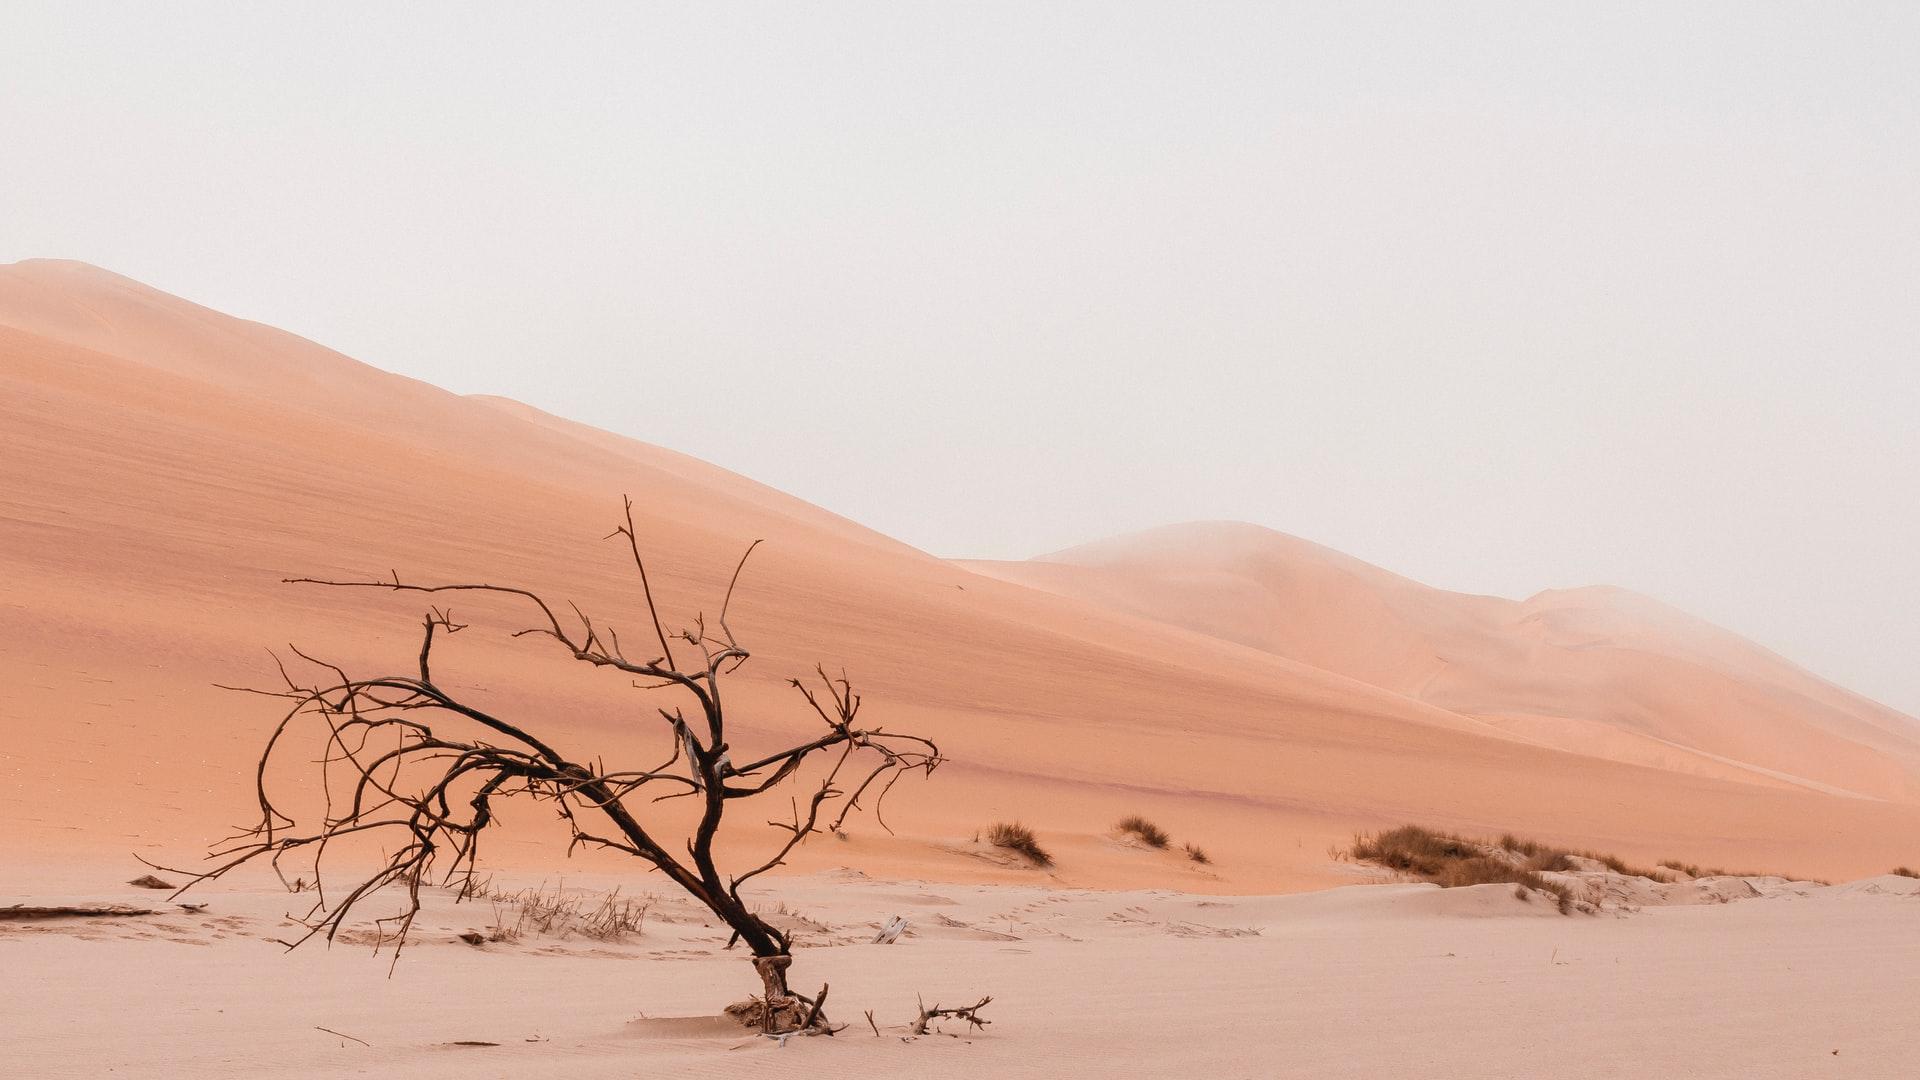 砂漠化とは